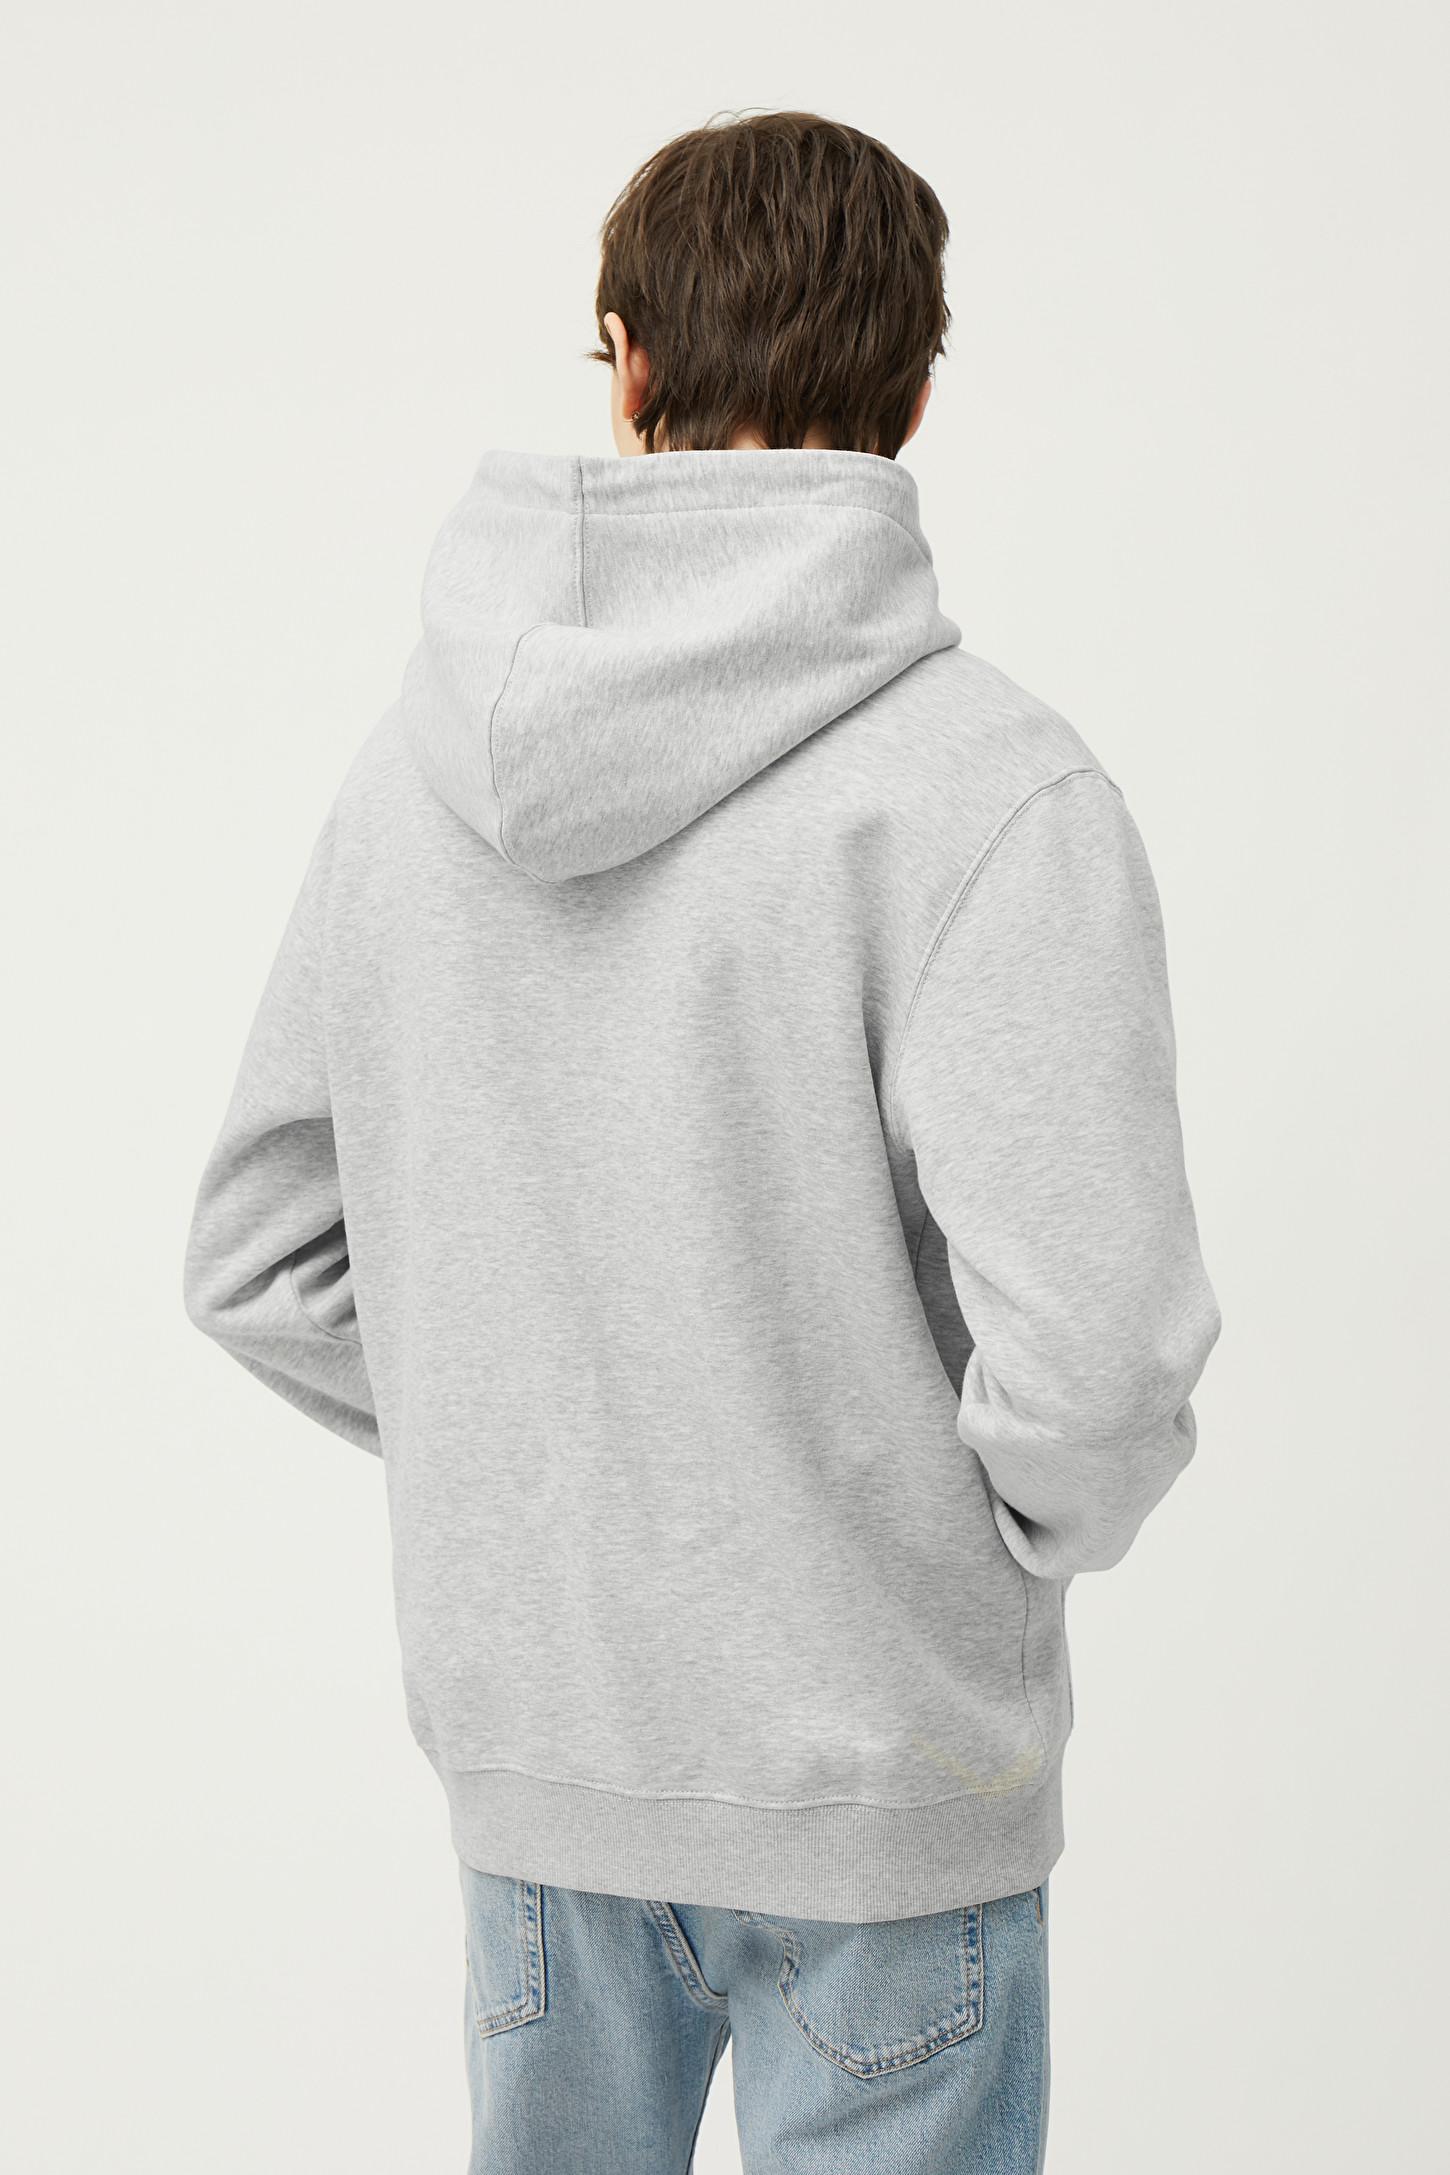 Hoodien är sensommarens skönaste plagg – 5 favoriter att bära till allt